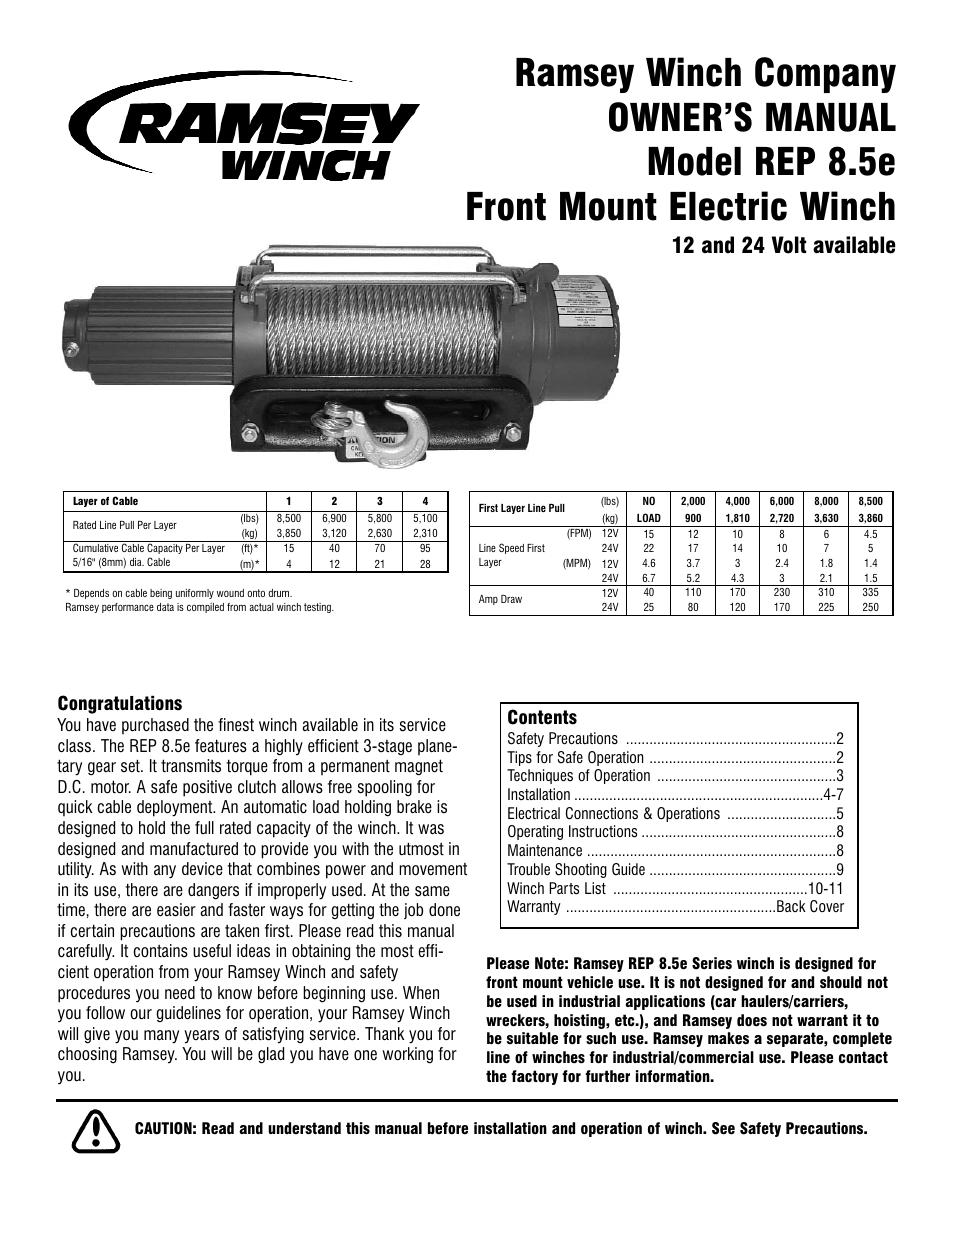 medium resolution of onan 4000 generator wiring diagram 0611 1267 onan engine onan 981 0530 service manual wiring